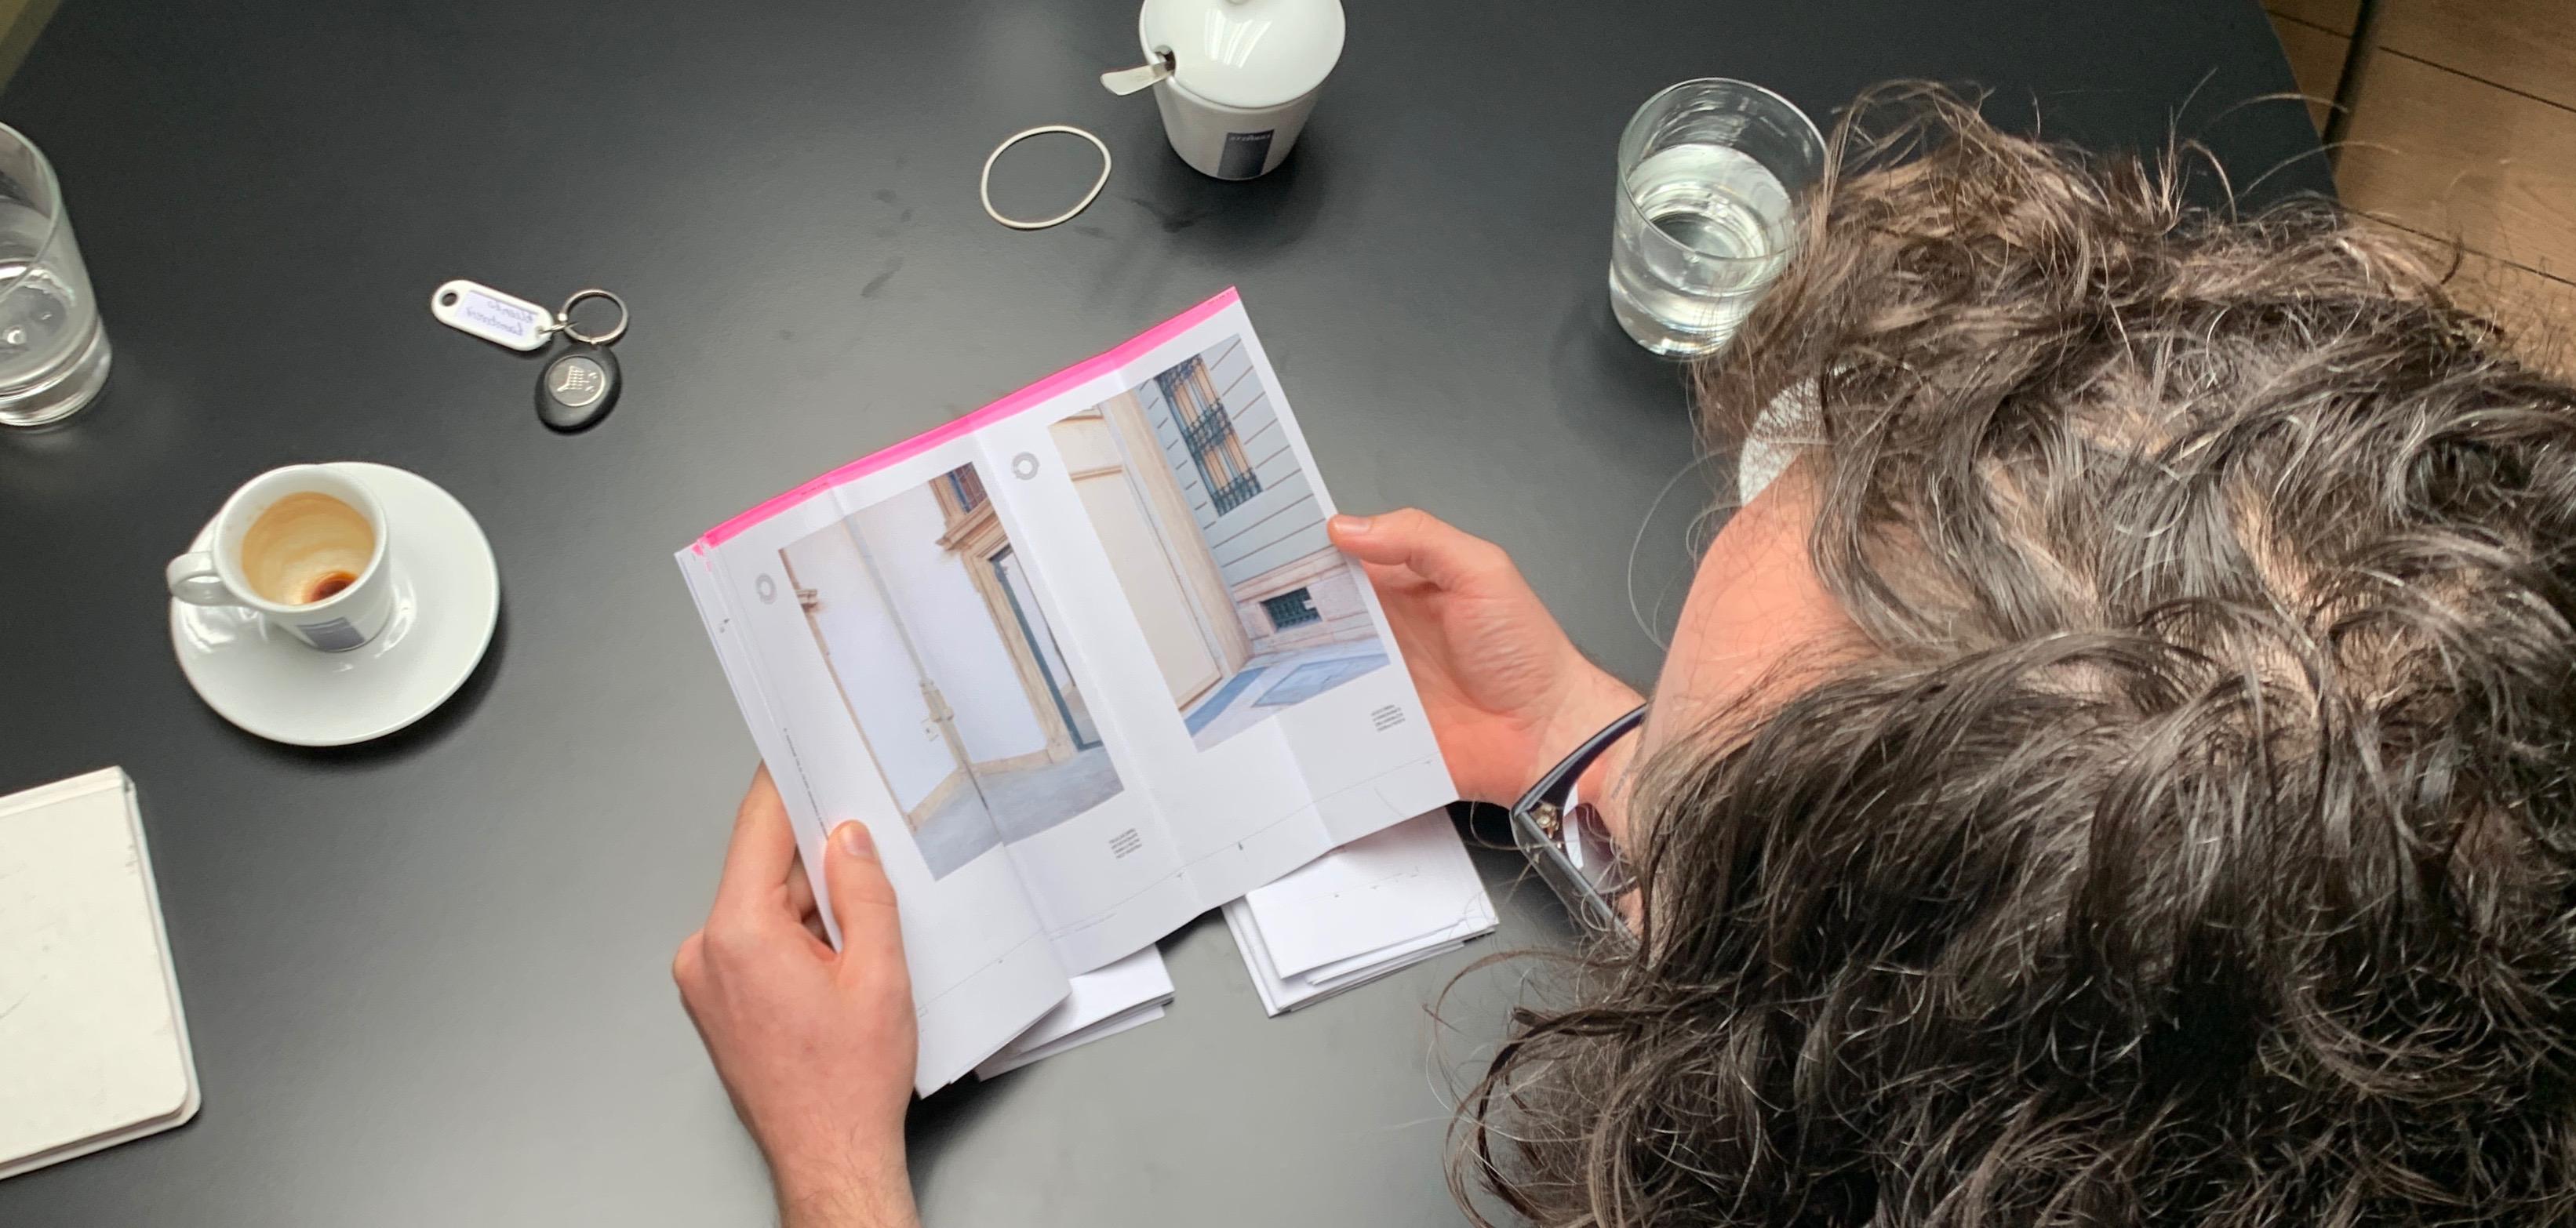 Printing Stijn Van der Linden's essay on the concave city corner